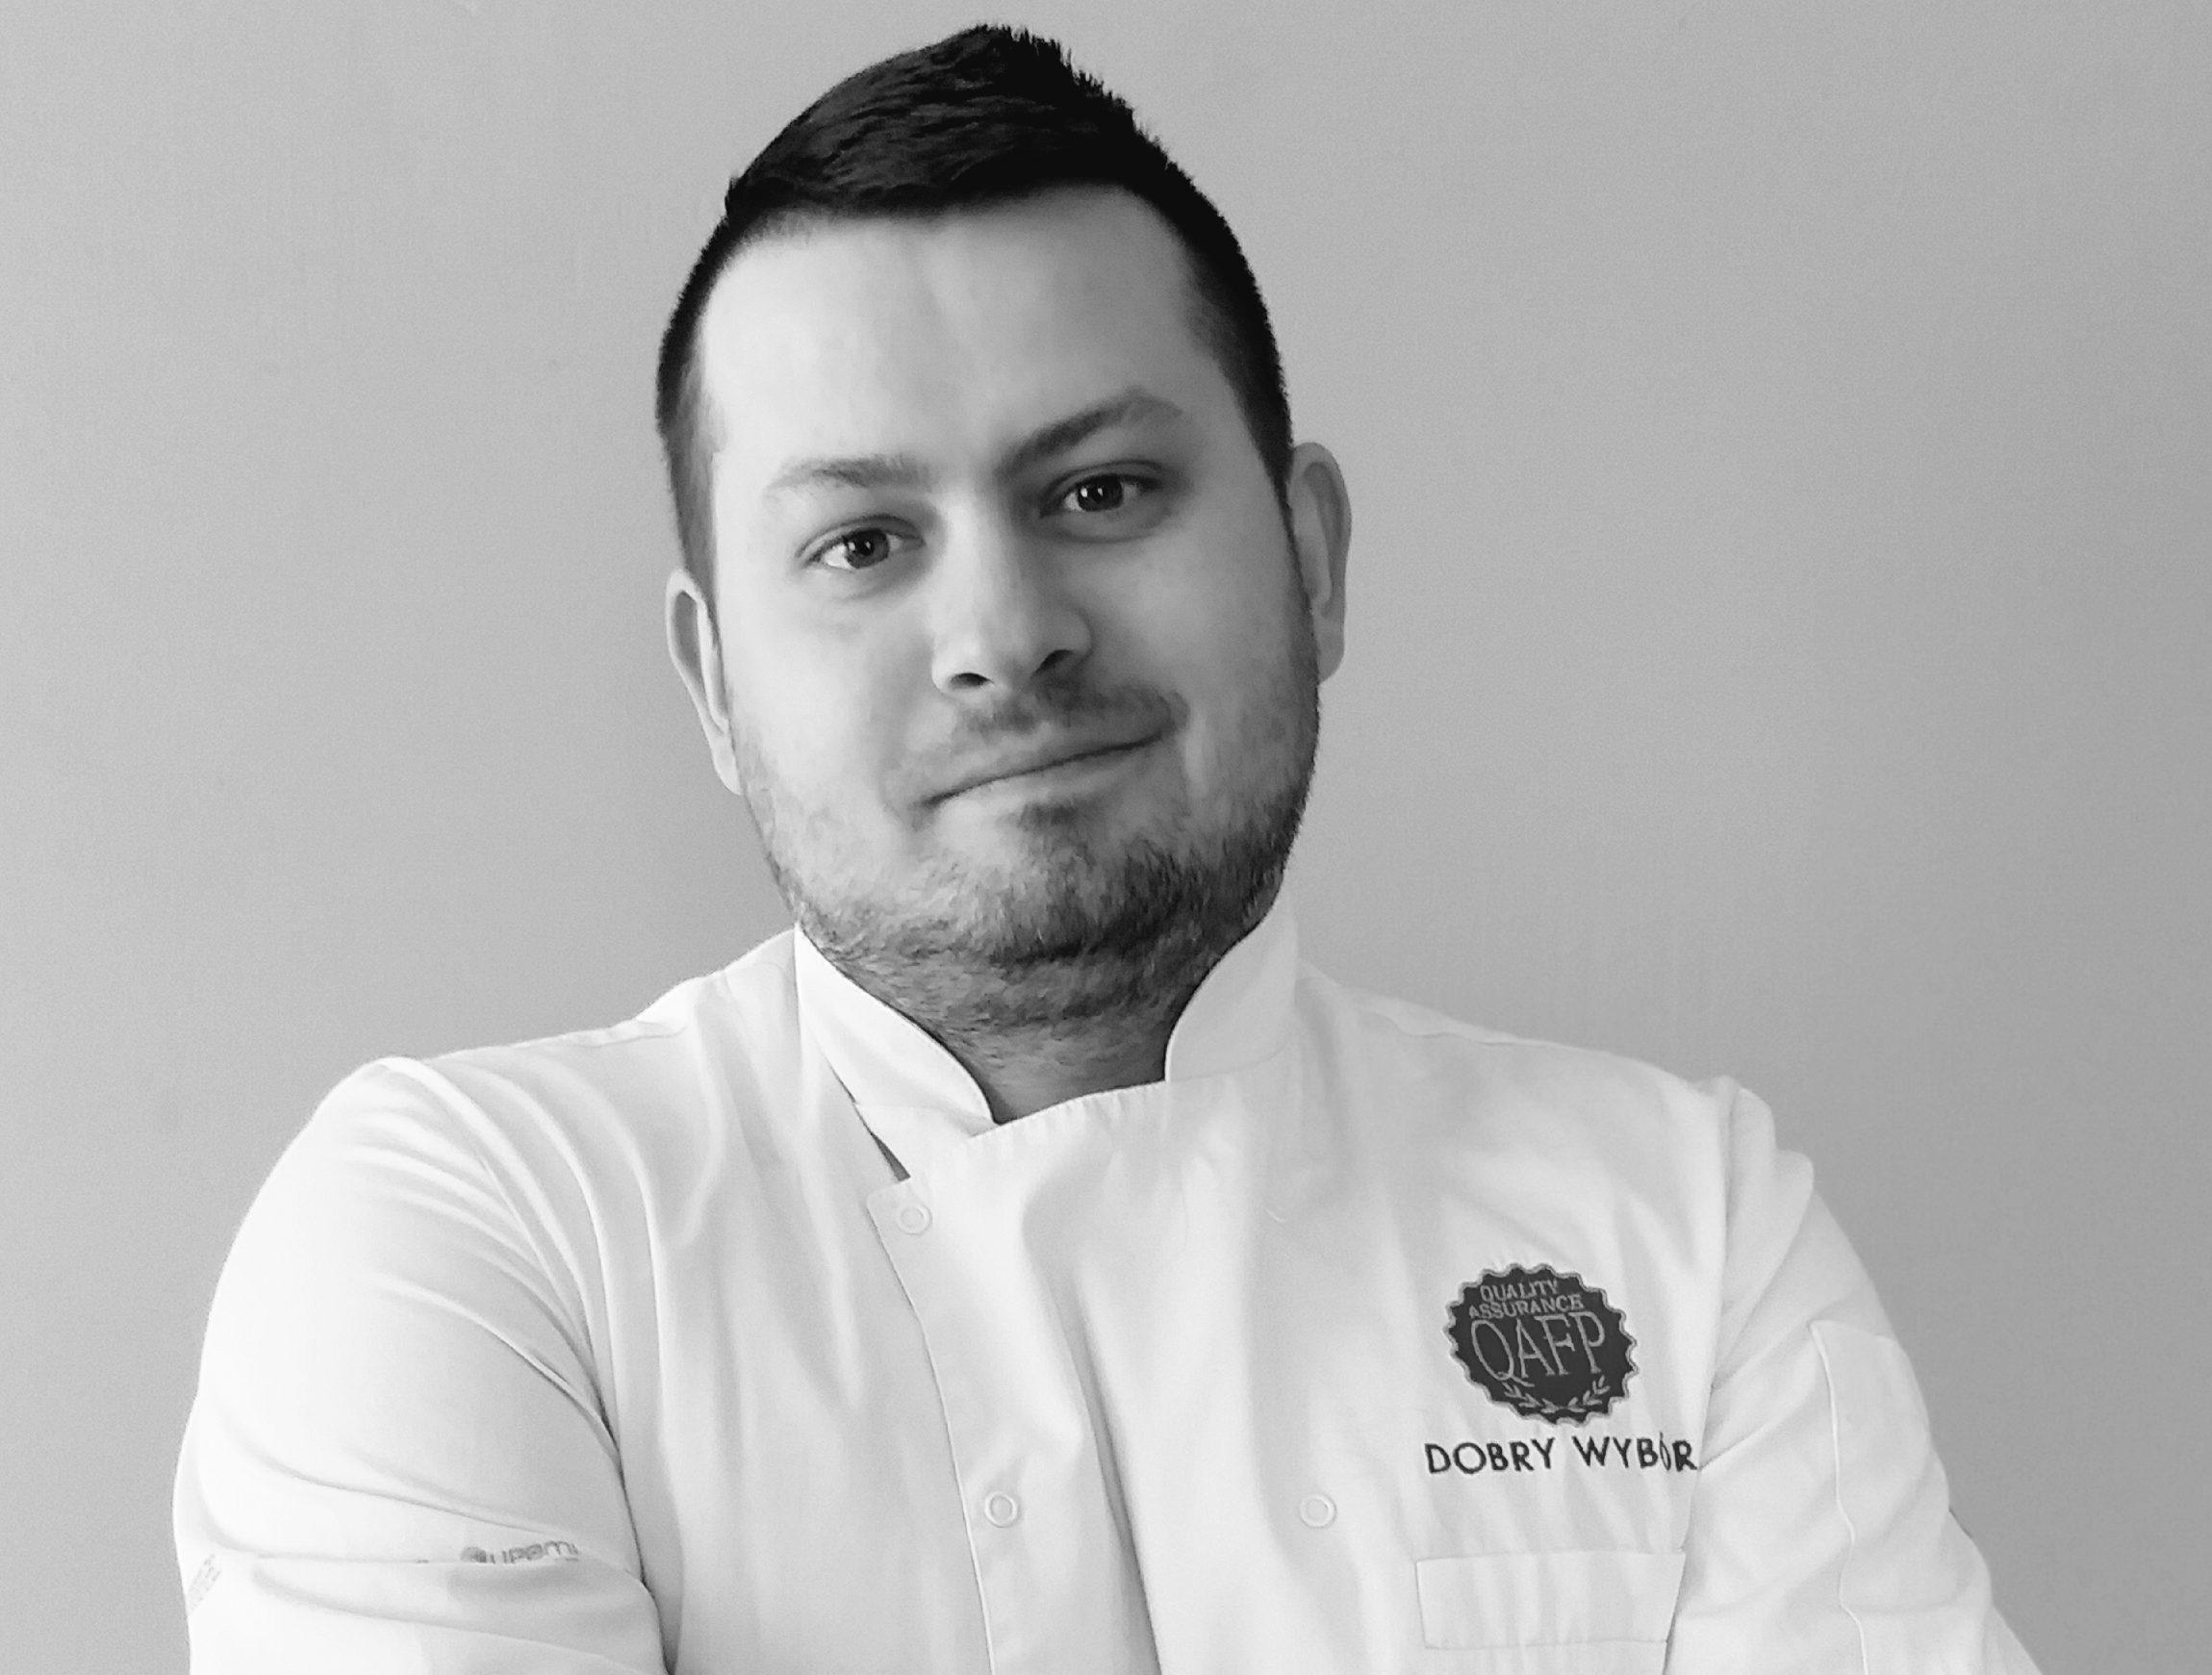 Warsztat Qulinarny – kursy gotowania w Krakowie.